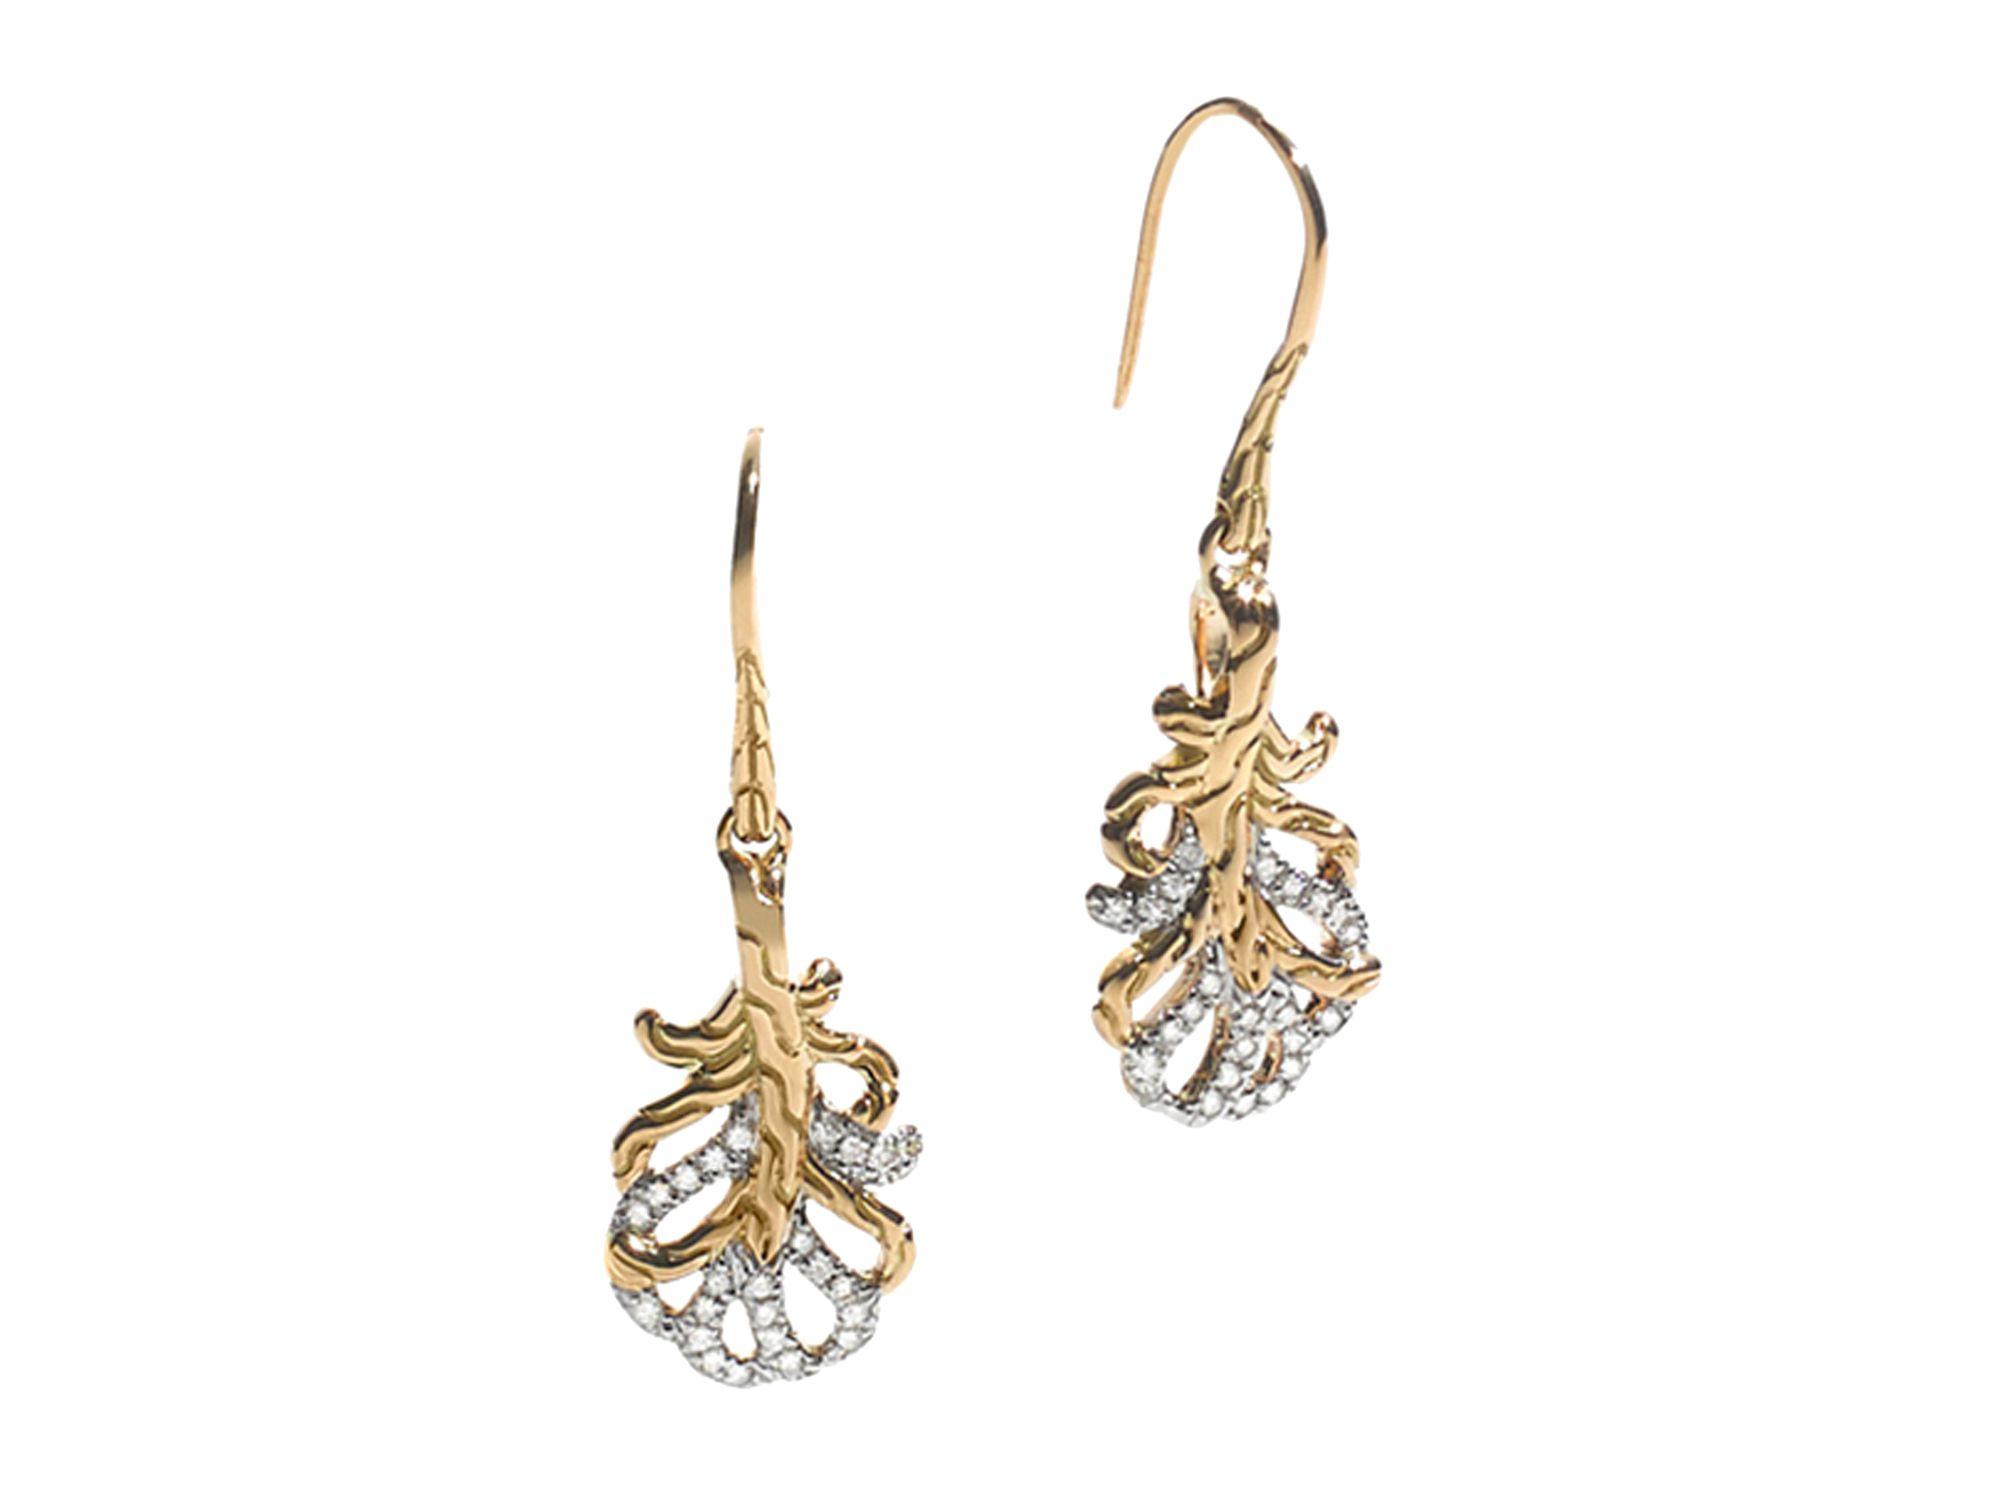 John Hardy 18k Classic Chain Diamond & Moonstone Droplet Earrings eEBBxQizIj